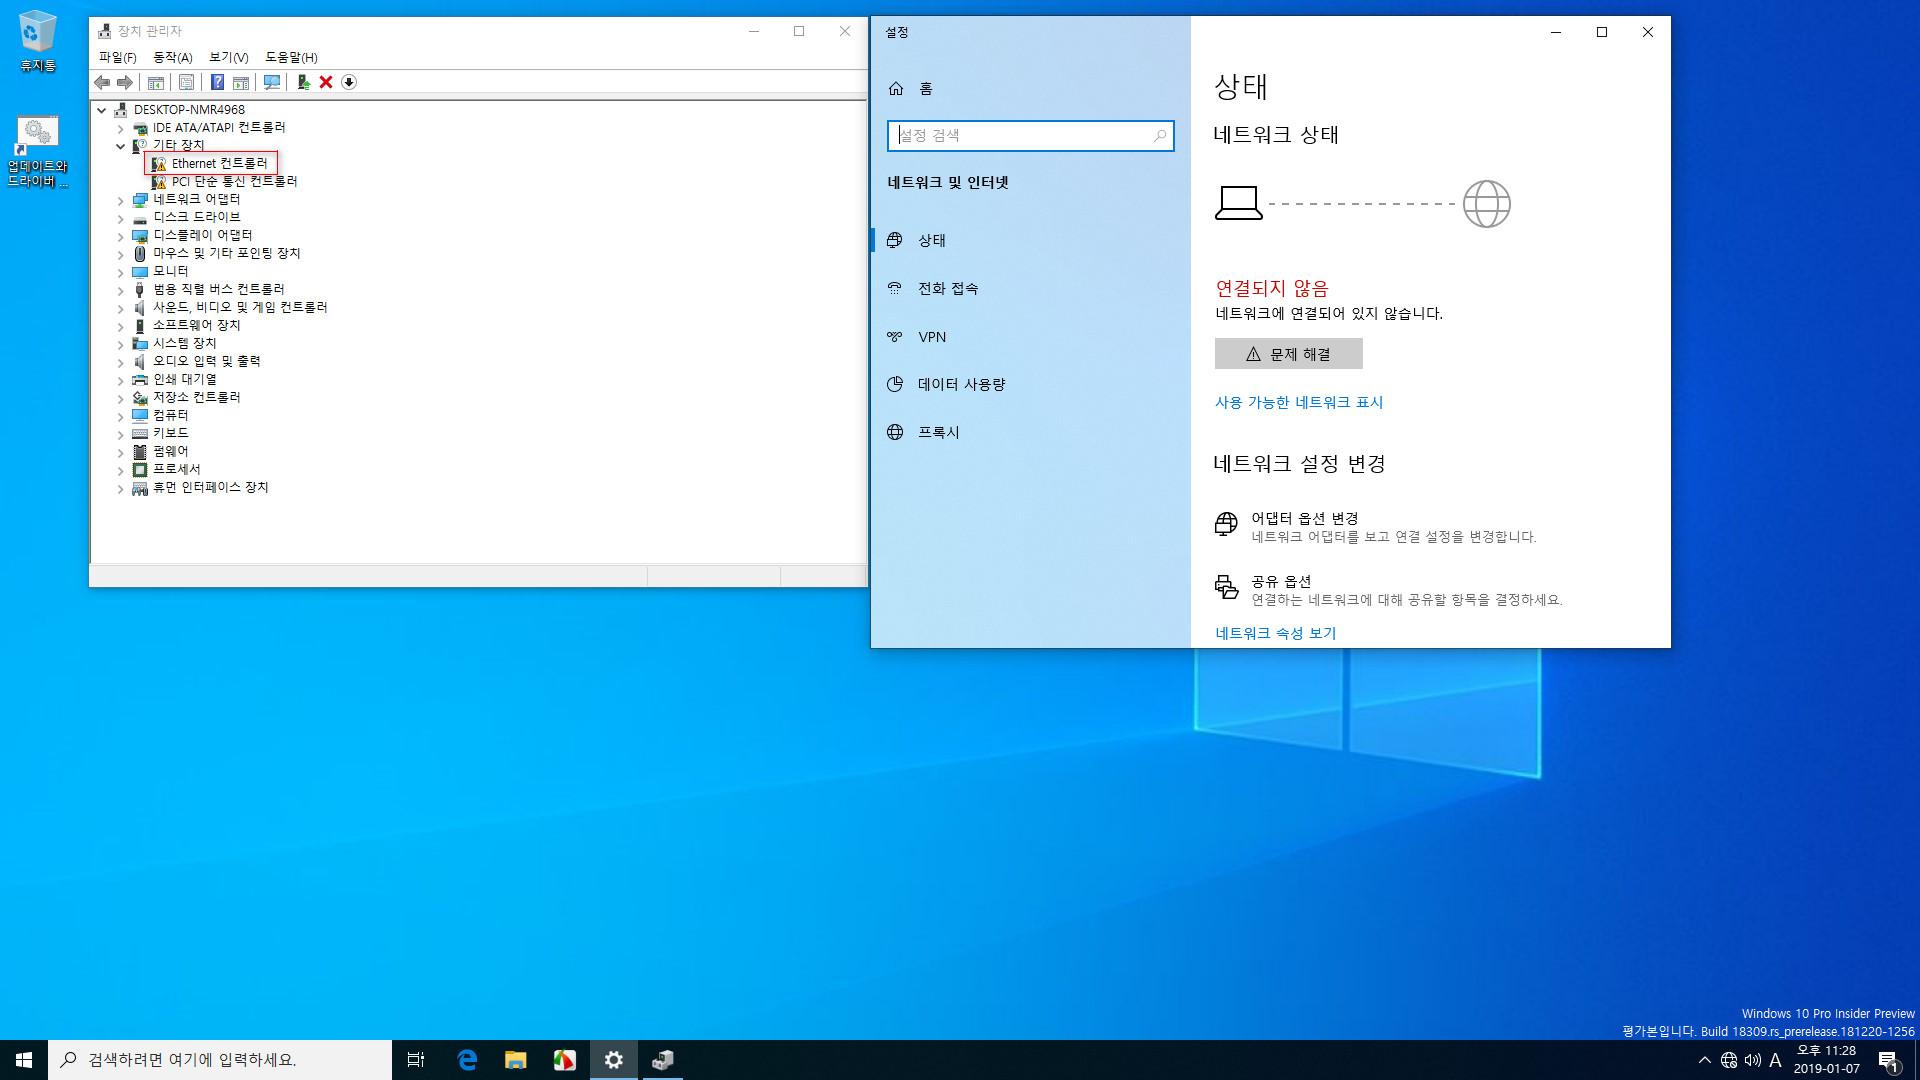 윈도10 19H1 인사이더 프리뷰 18309.1000 빌드 나왔네요 - 실컴에서 Windows Sandbox 테스트 - 어떤 드라이버가 충돌을 일으키는지 확인 테스트4 [윈도에 내장된 랜드라이버 제거] - 랜 드라이버 설치는 되고, 랜 드라이버 설치 후에 Sandbox 실행도 됨 2019-01-07_232825.jpg